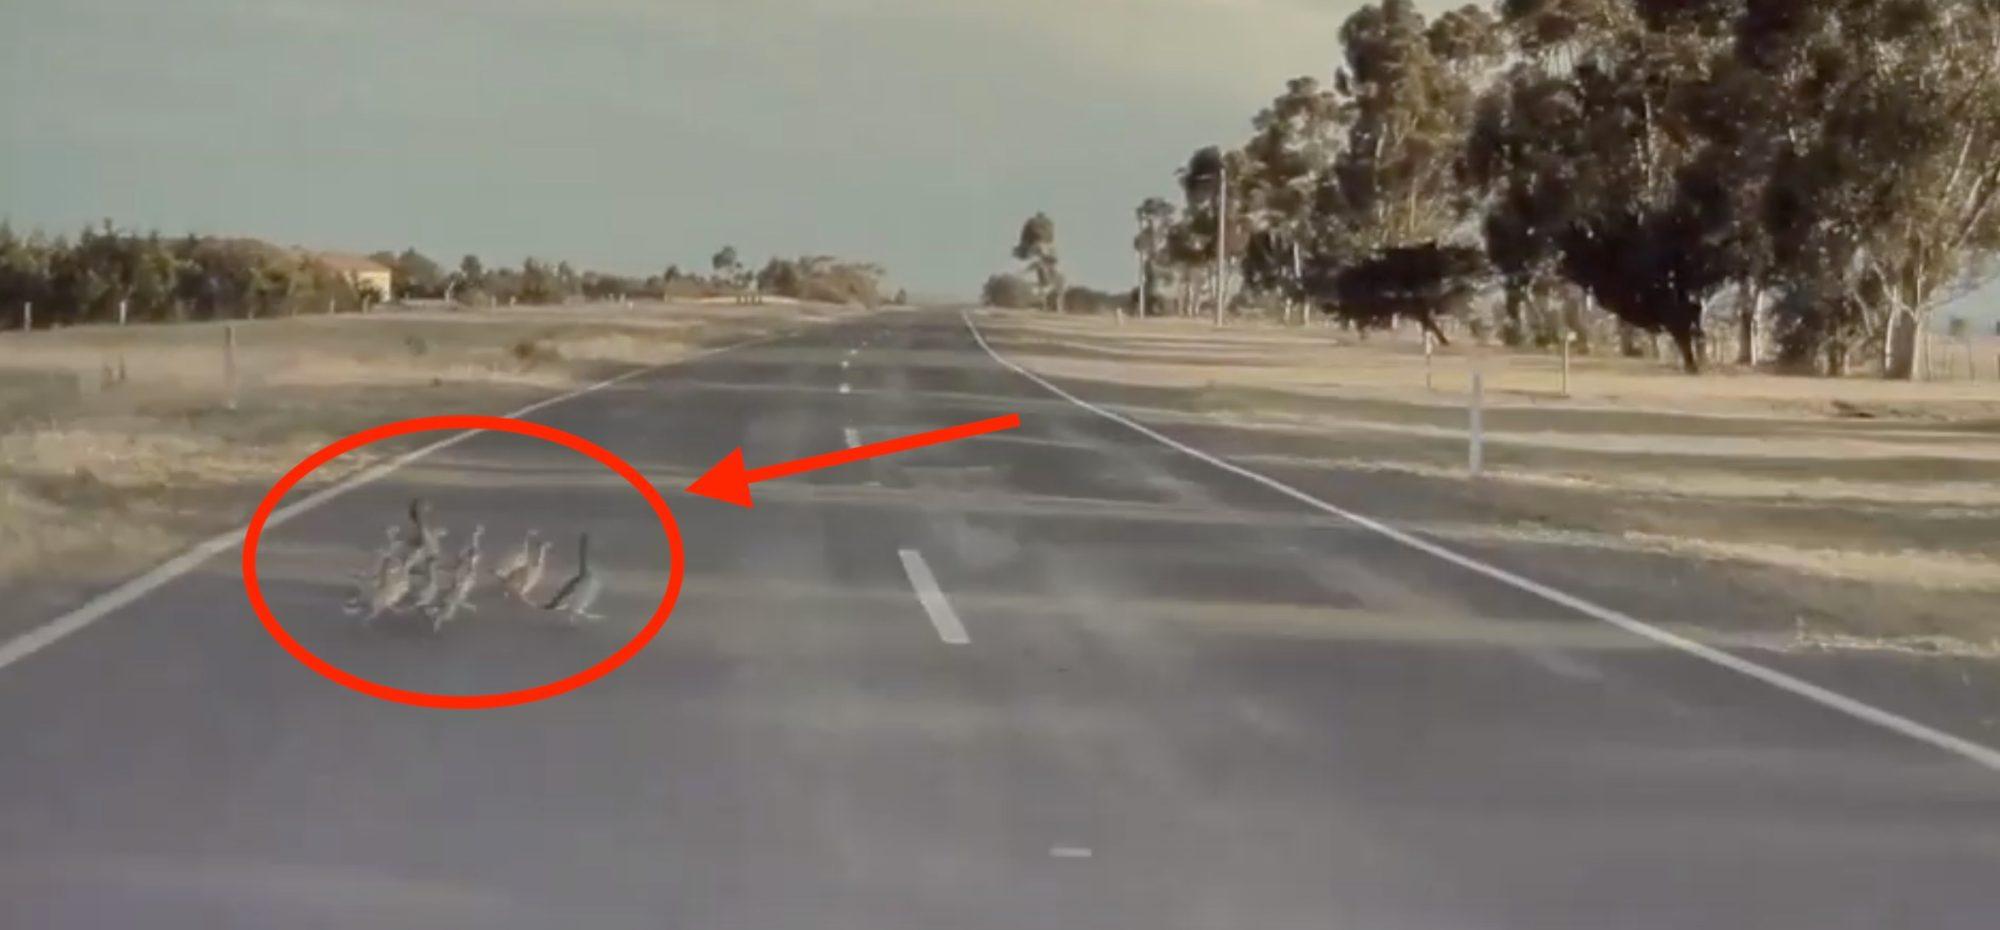 Tesla-Autopilot-avoid-ducks.jpg